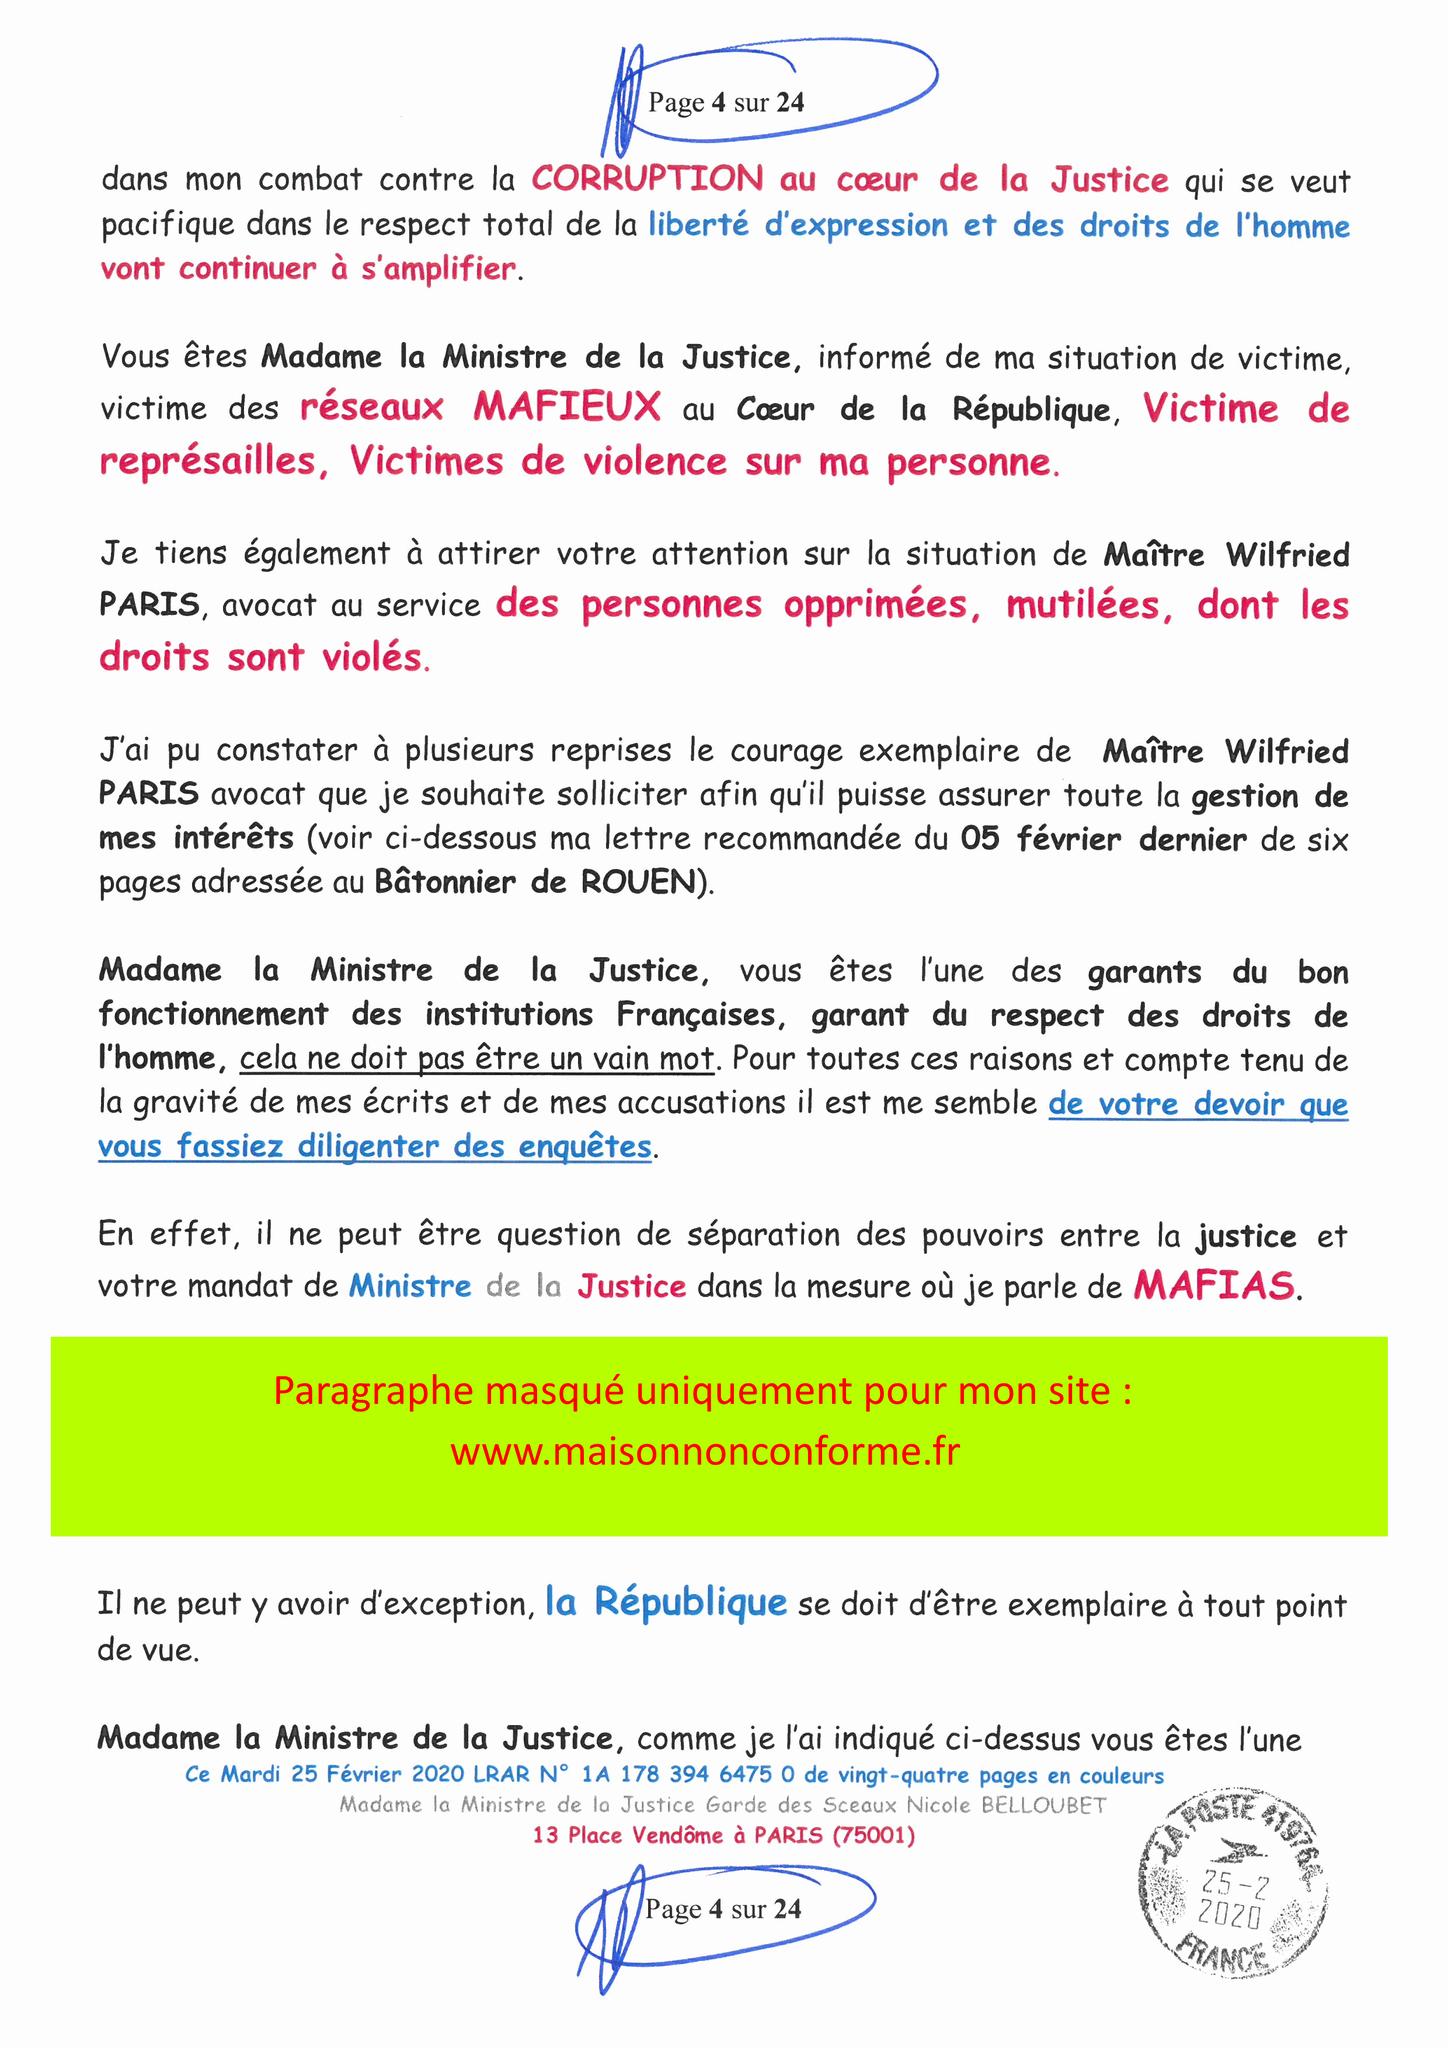 Ma LRAR à Madame Nicole BELLOUBET la Ministre de la Justice N0 1A 178 394 6475 0 Page 4 sur 24 en couleur  www.jesuispatrick.com www.jesuisvictime.fr www.alerte-rouge-france.fr